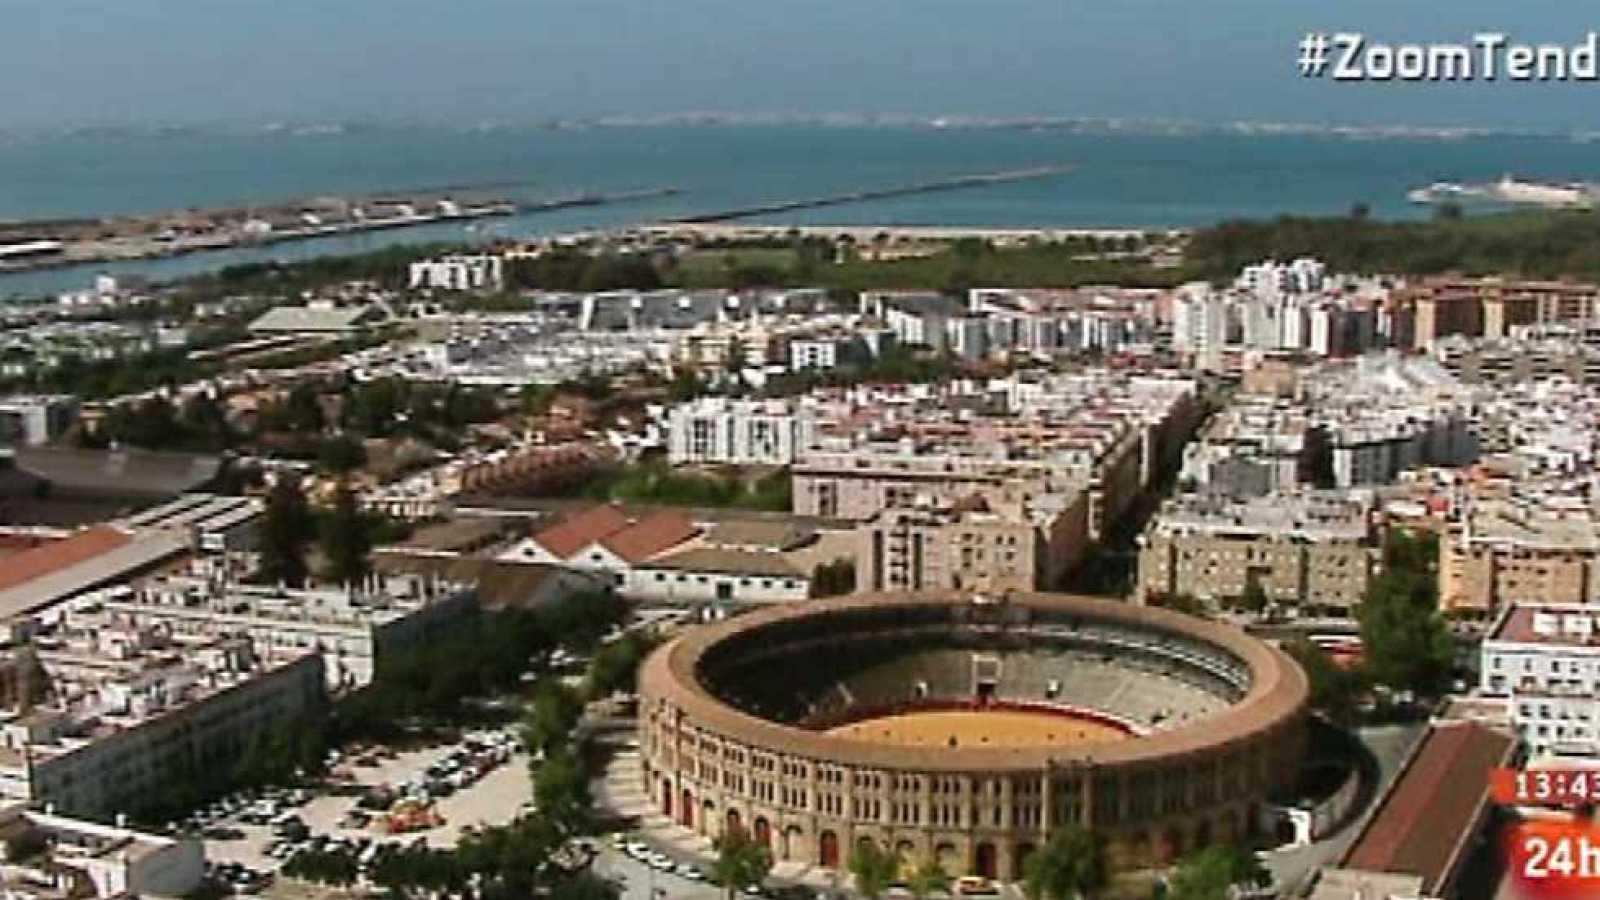 Zoom tendencias el puerto de santa mar a con los cinco - El puerto santa maria ...